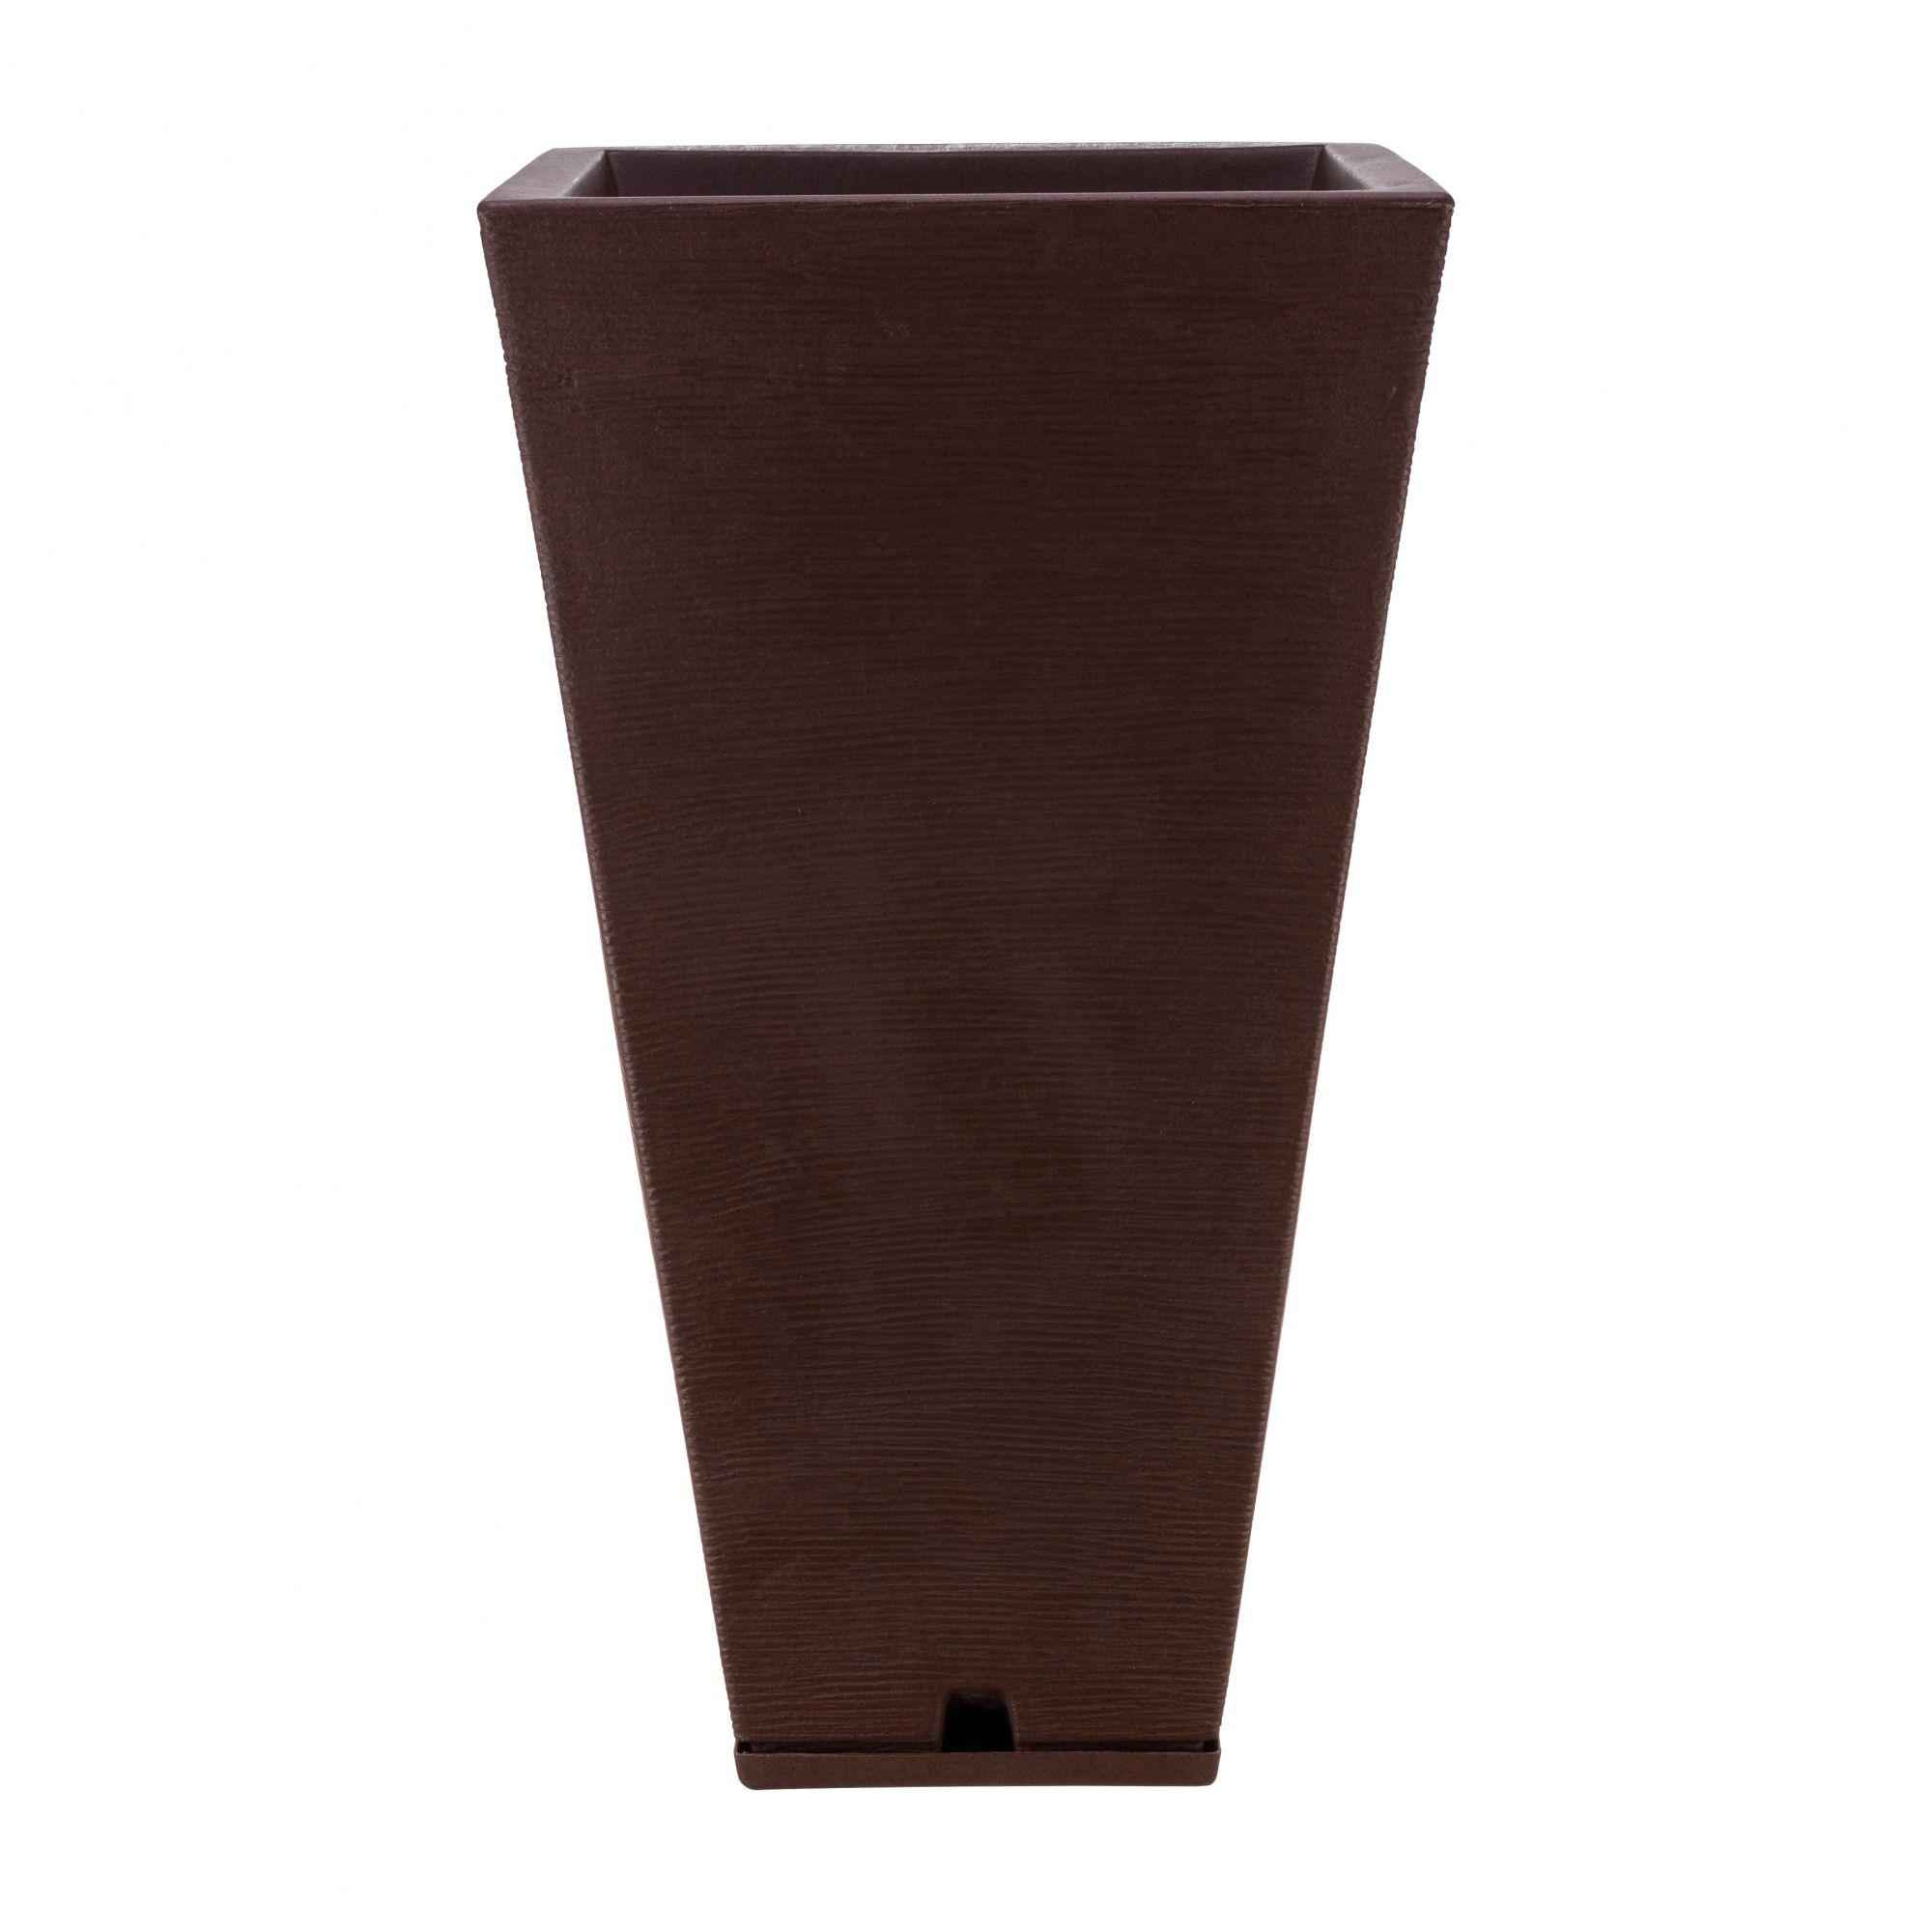 Vaso Zurique Grafiato Marron Stone - 35cm x 74cm